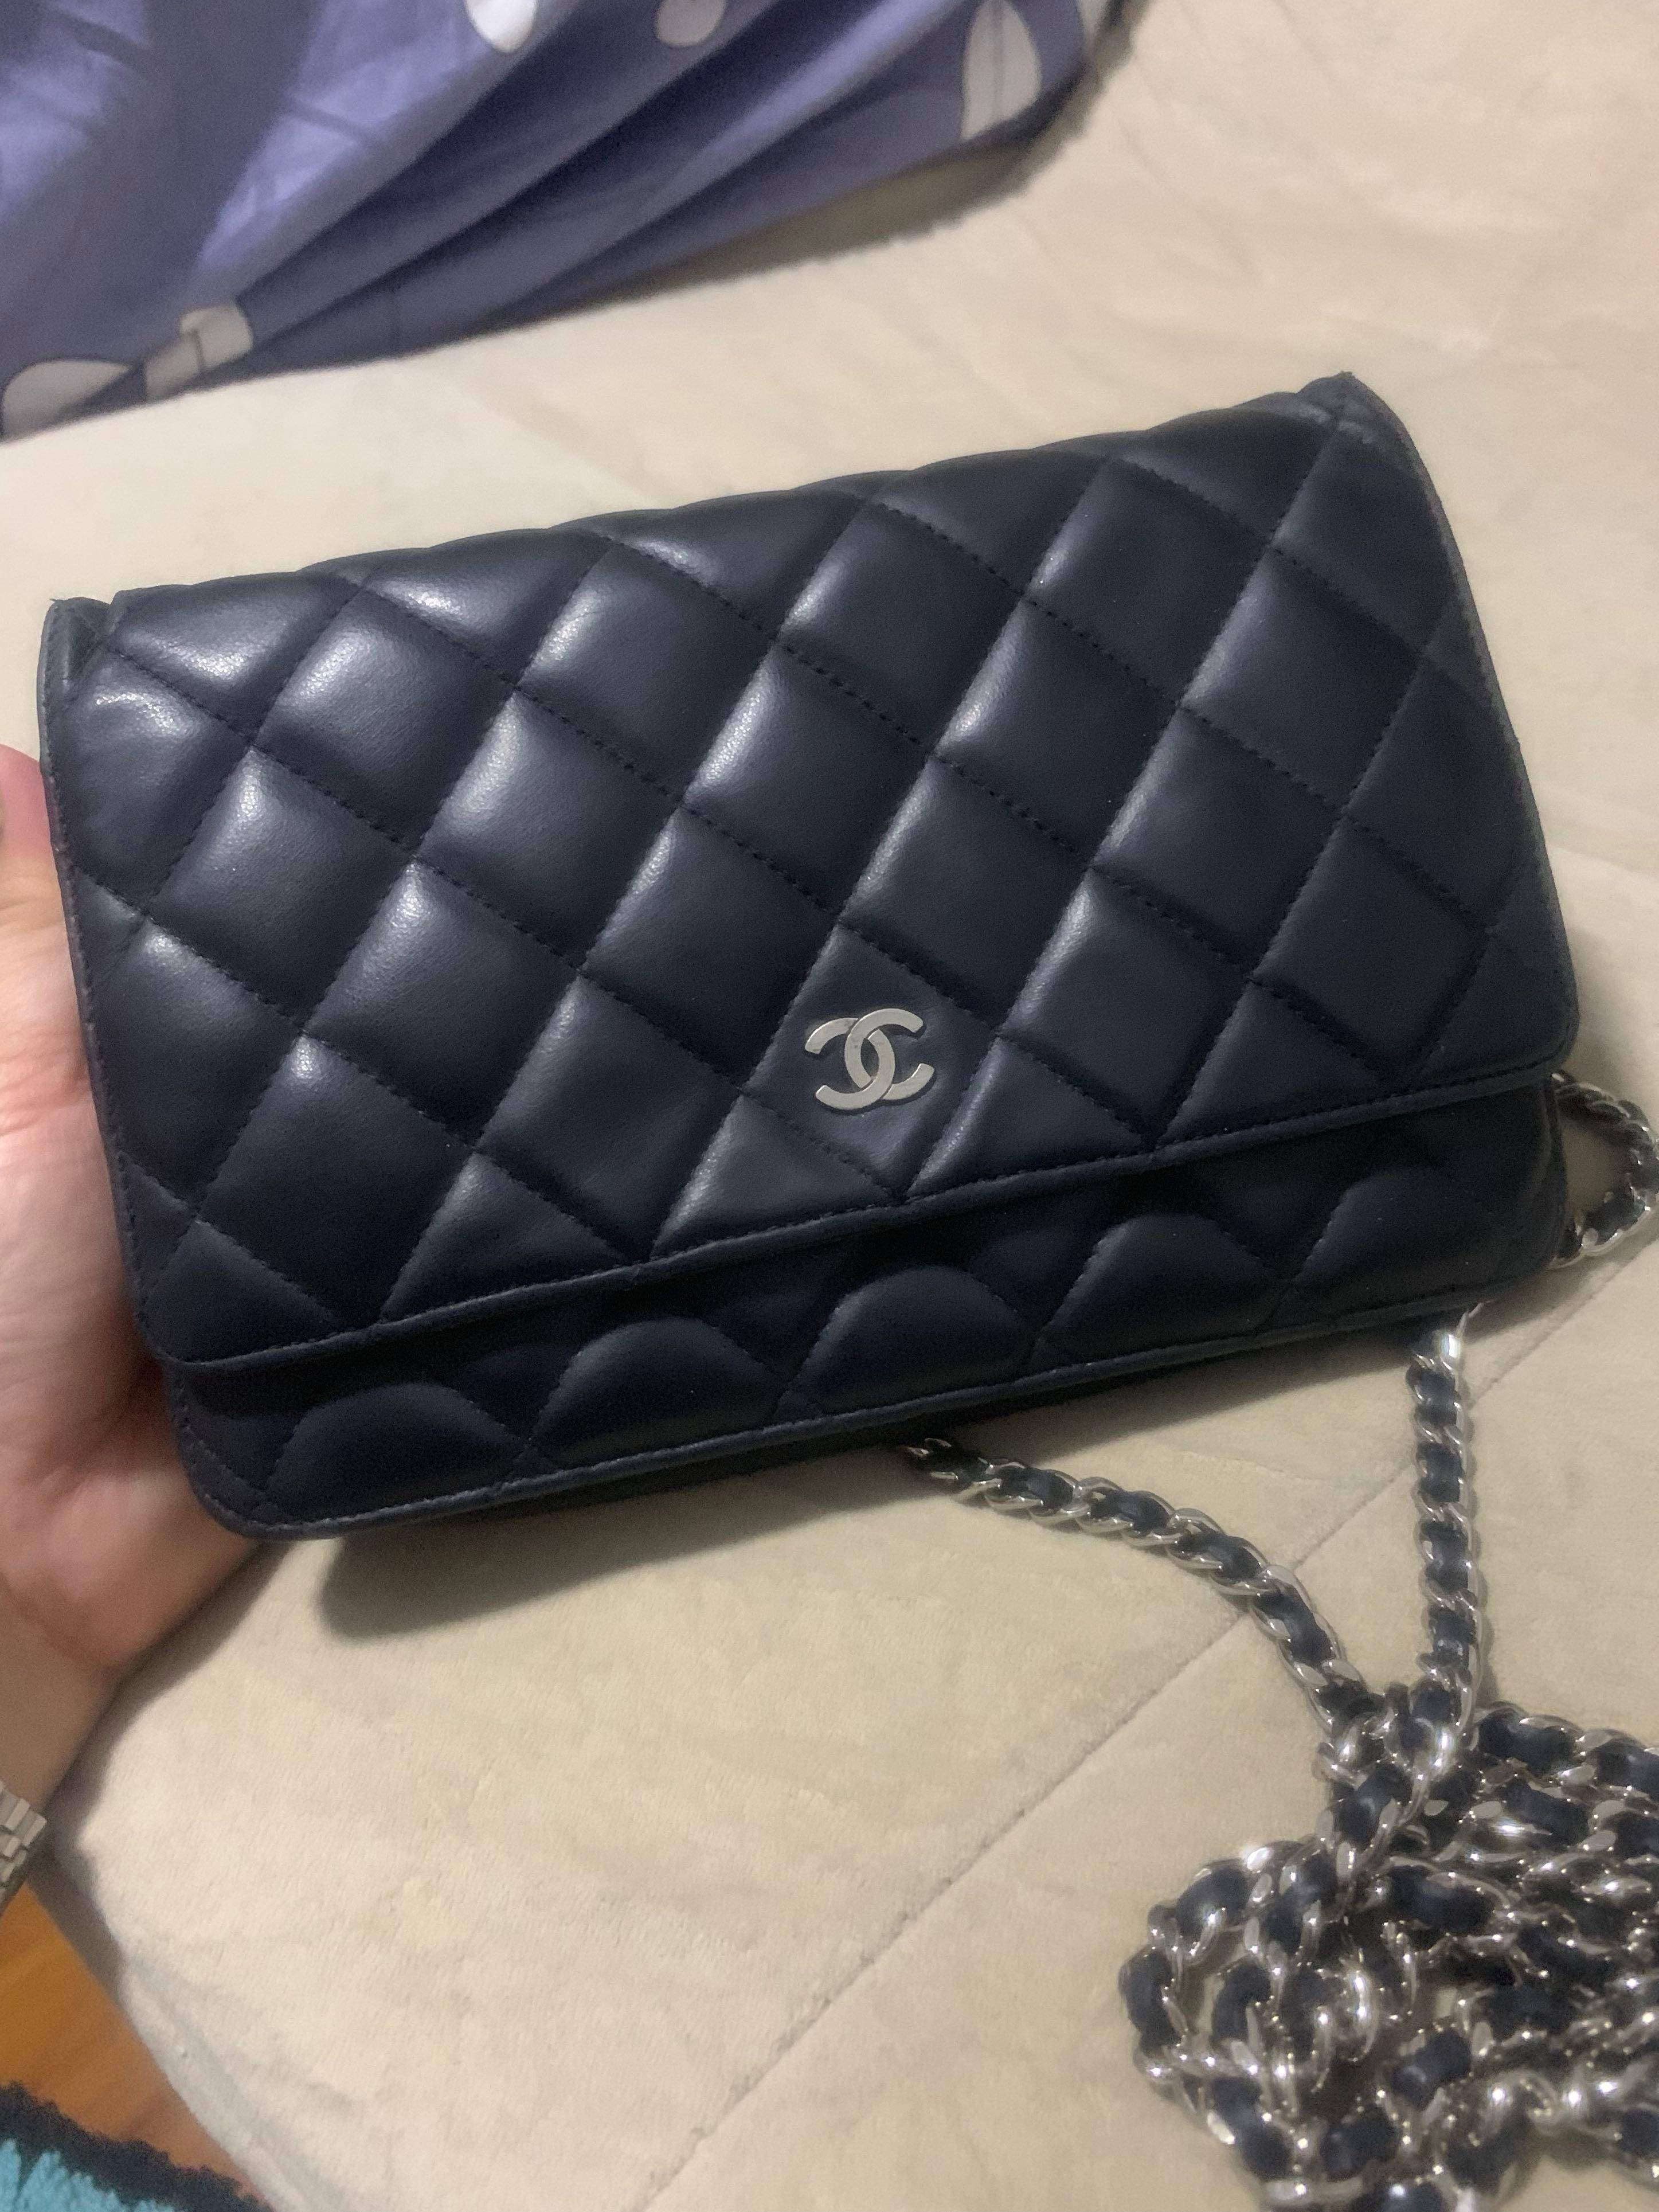 b2530b8bda29dd 🎀Auth Chanel Sling bag / Wallet on Chain WOC SHW w receipt ...